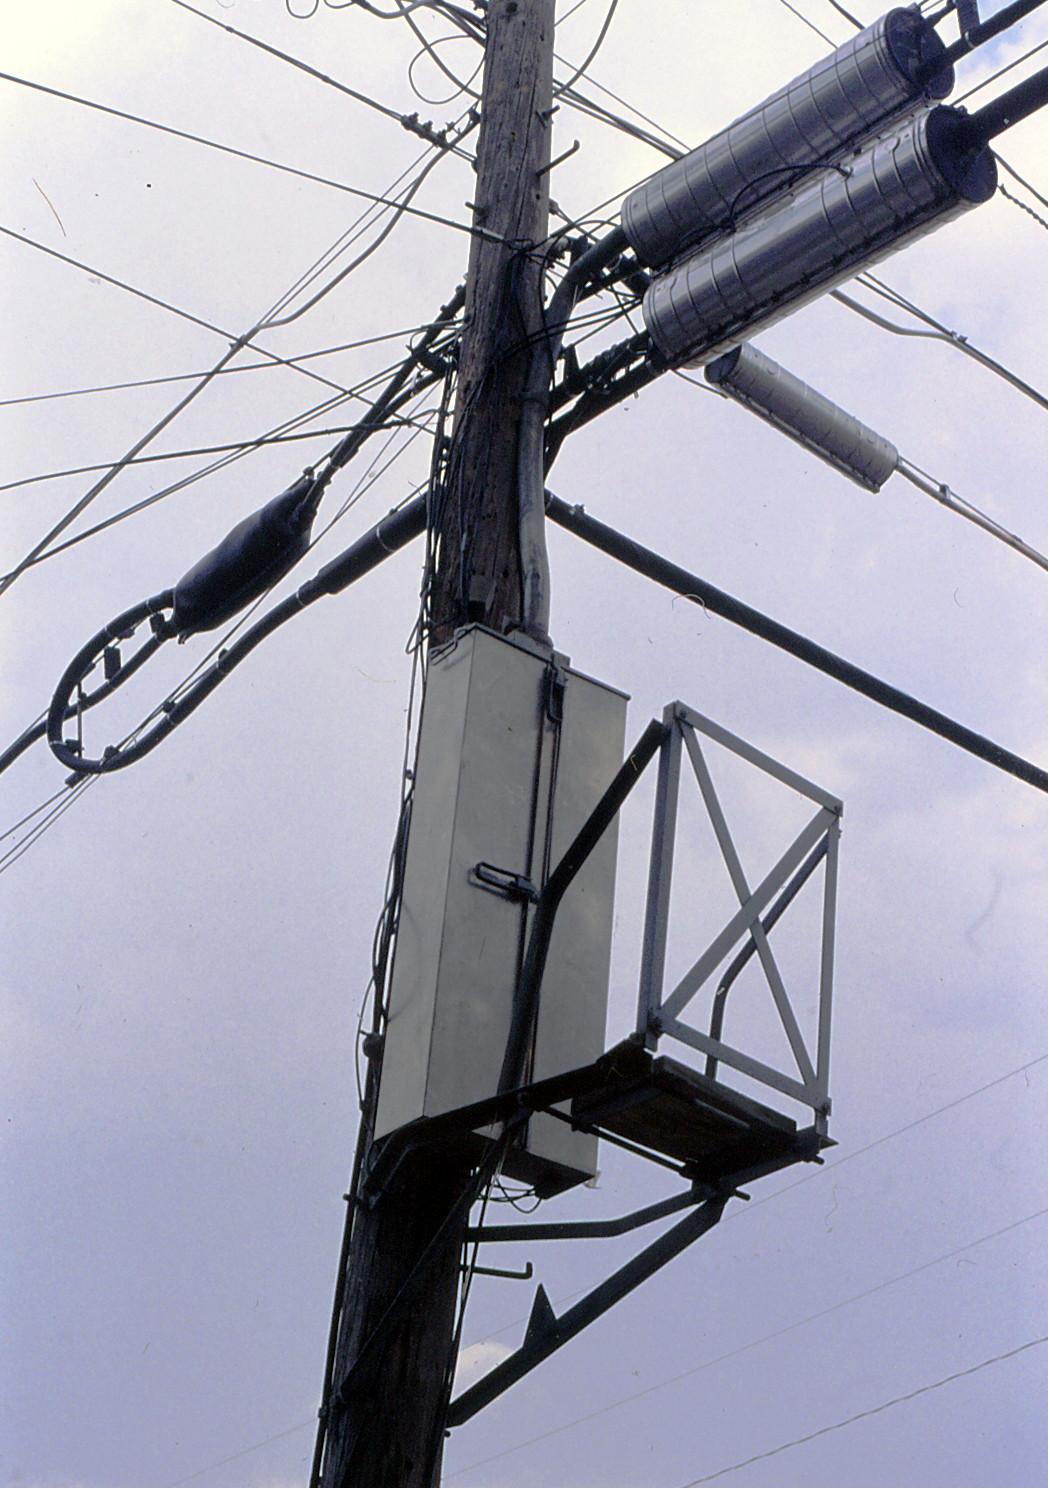 aerial bd box at wichita falls texas [ 1050 x 1489 Pixel ]